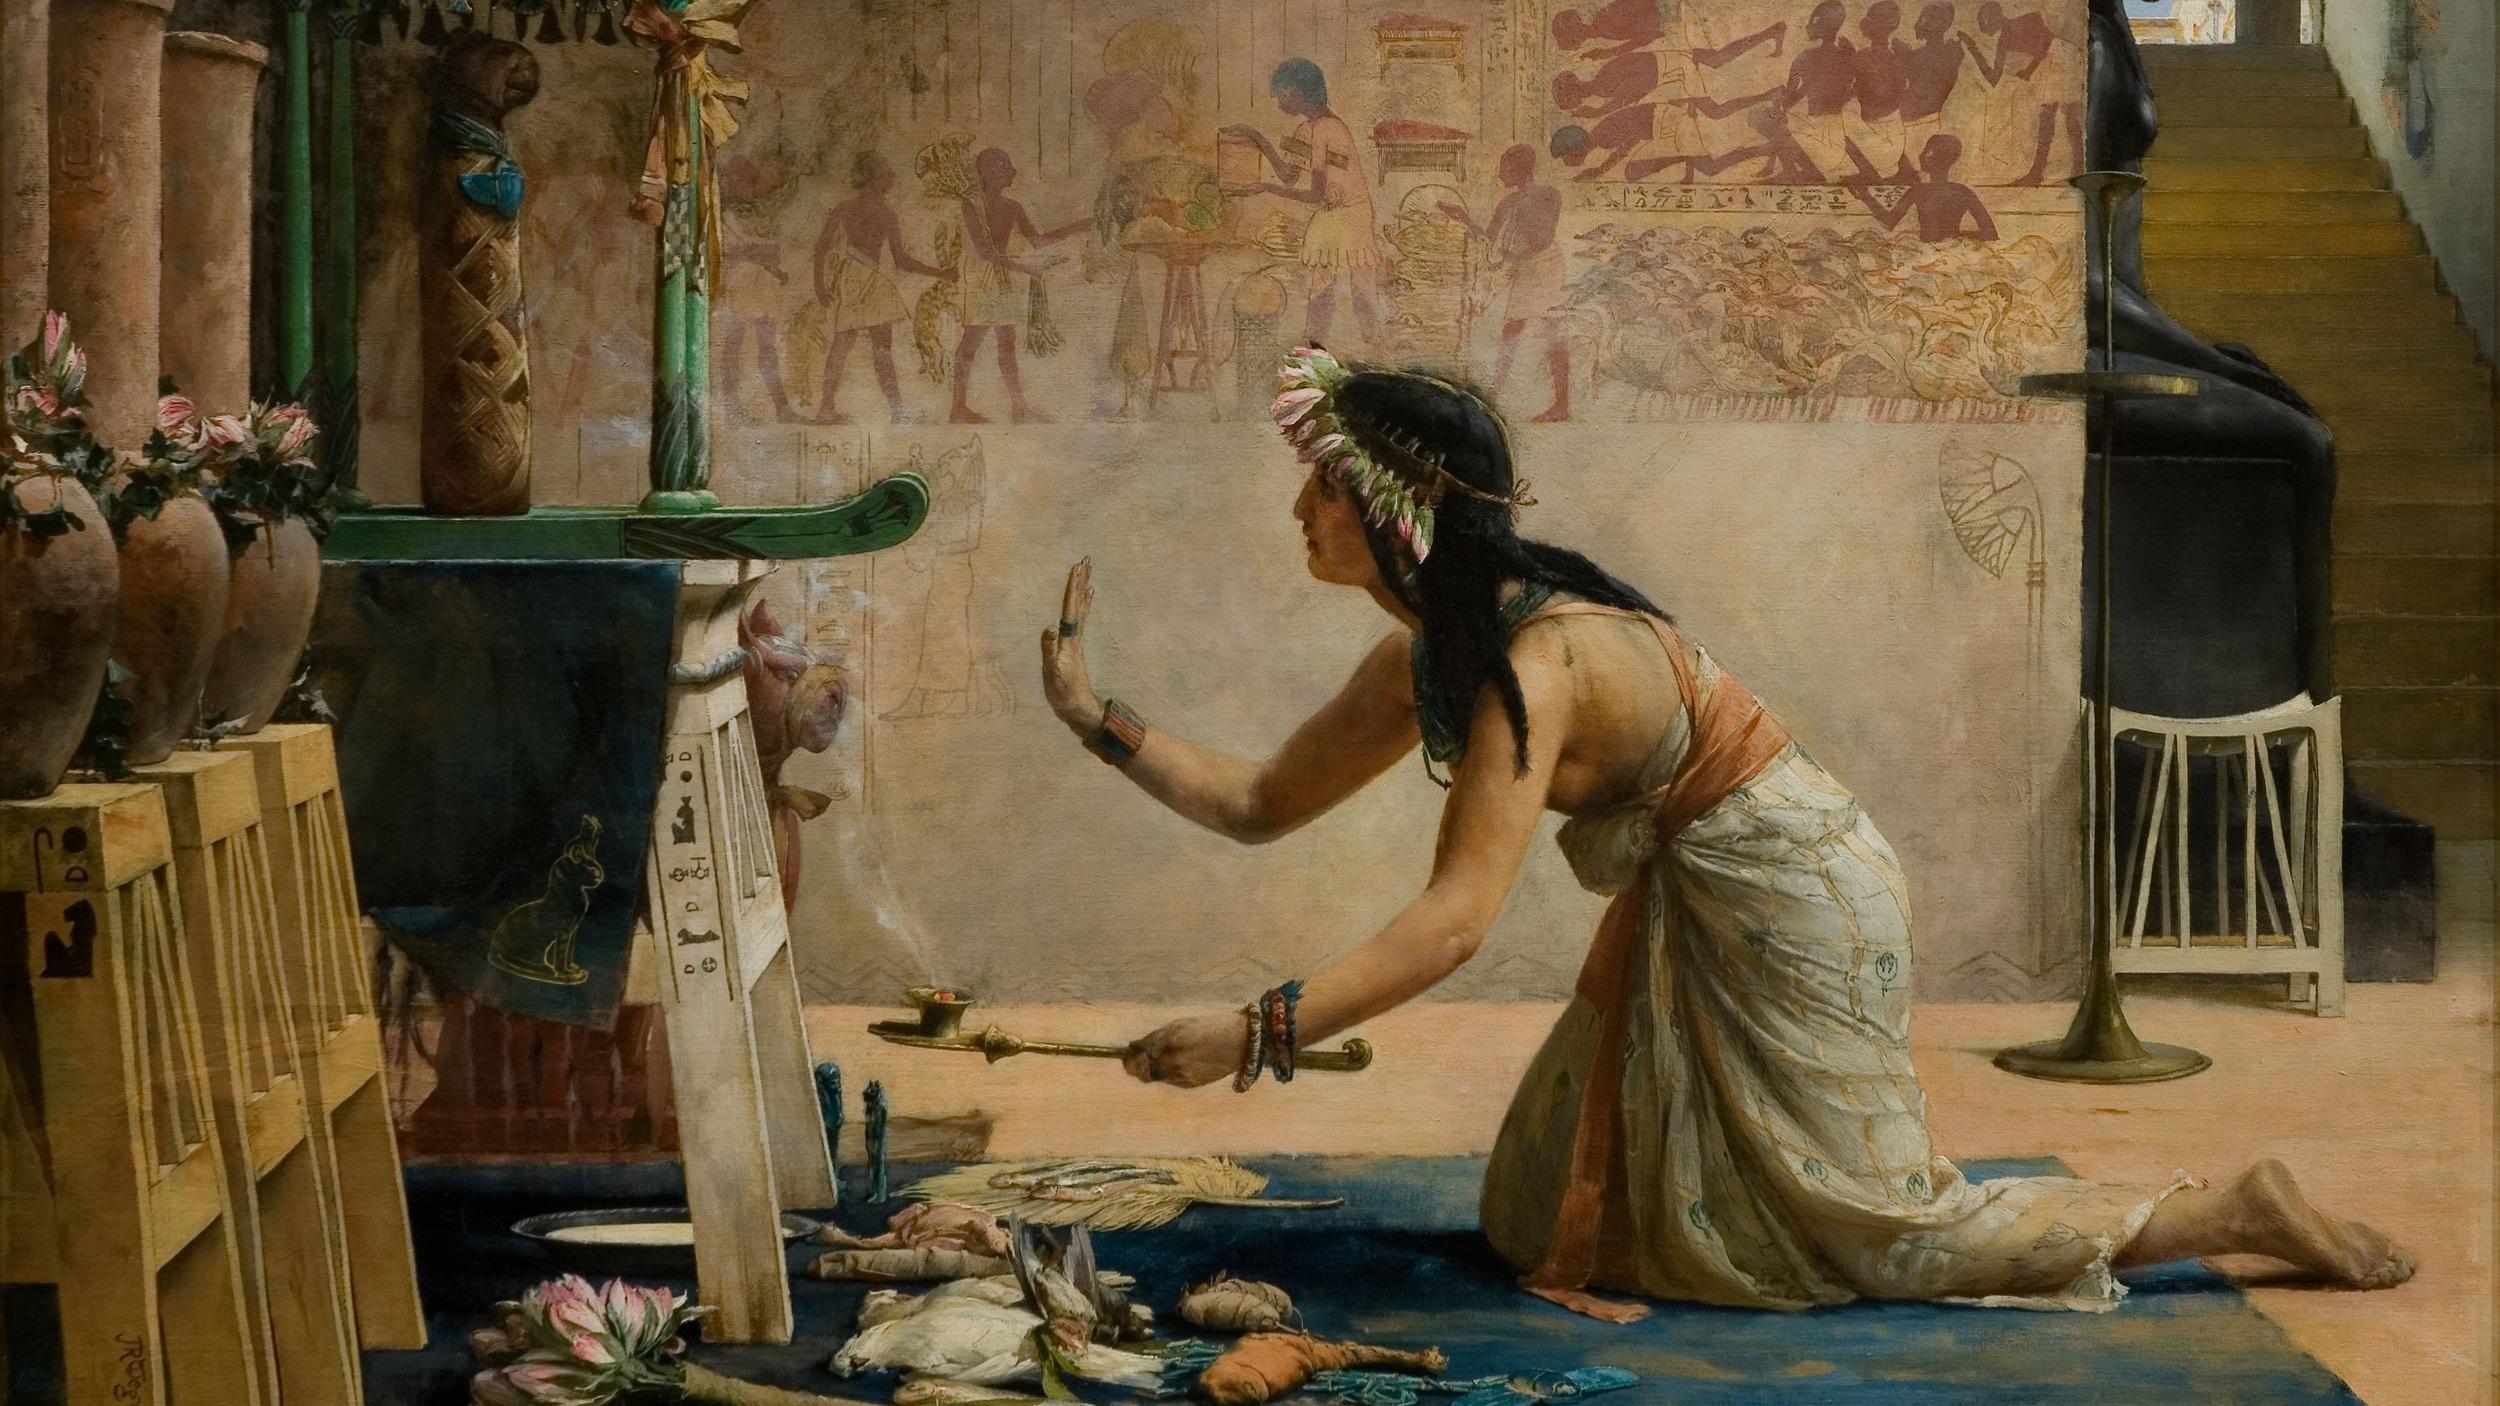 John_Weguelin_-_The_Obsequies_of_an_Egyptian_Cat_-_Google_Art_Project.jpg